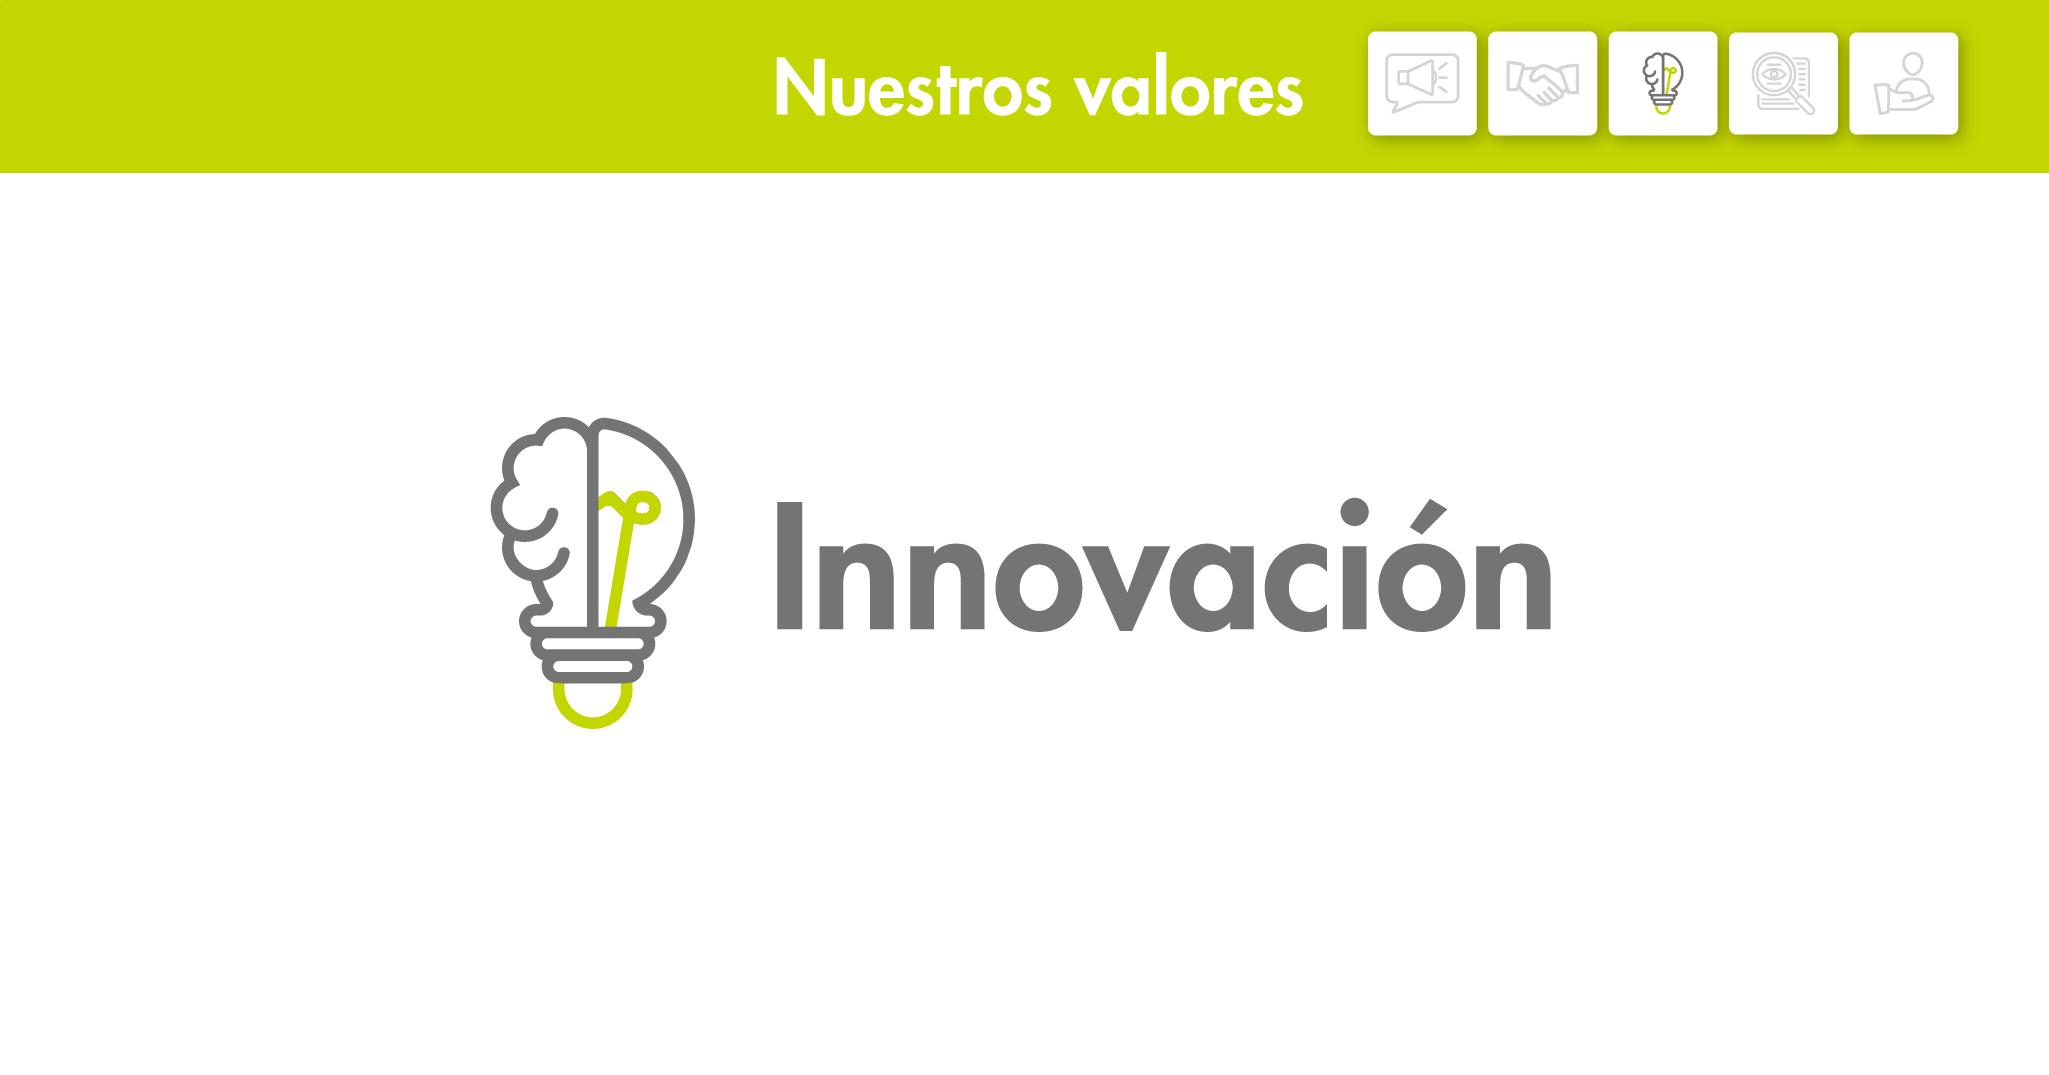 Nuestros valores: Innovación